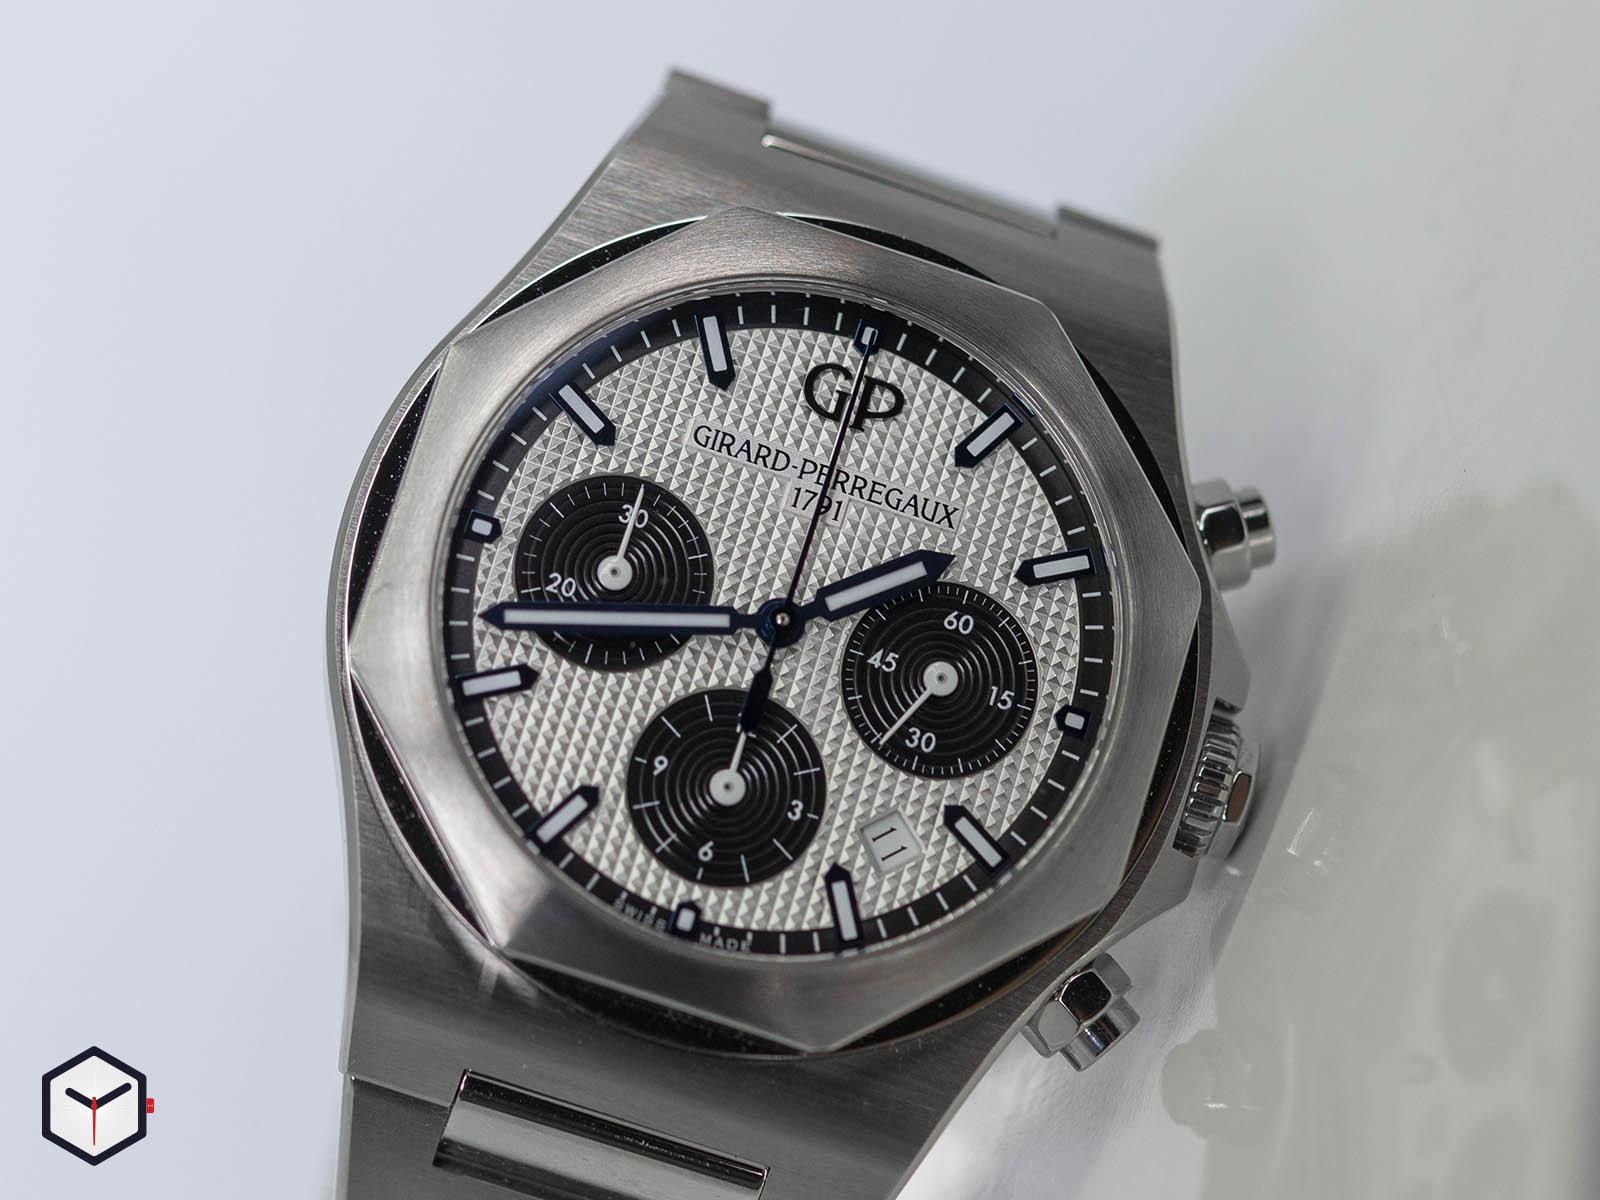 81020-11-131-11a-girard-perregaux-laureato-chronograph-42mm-2.jpg